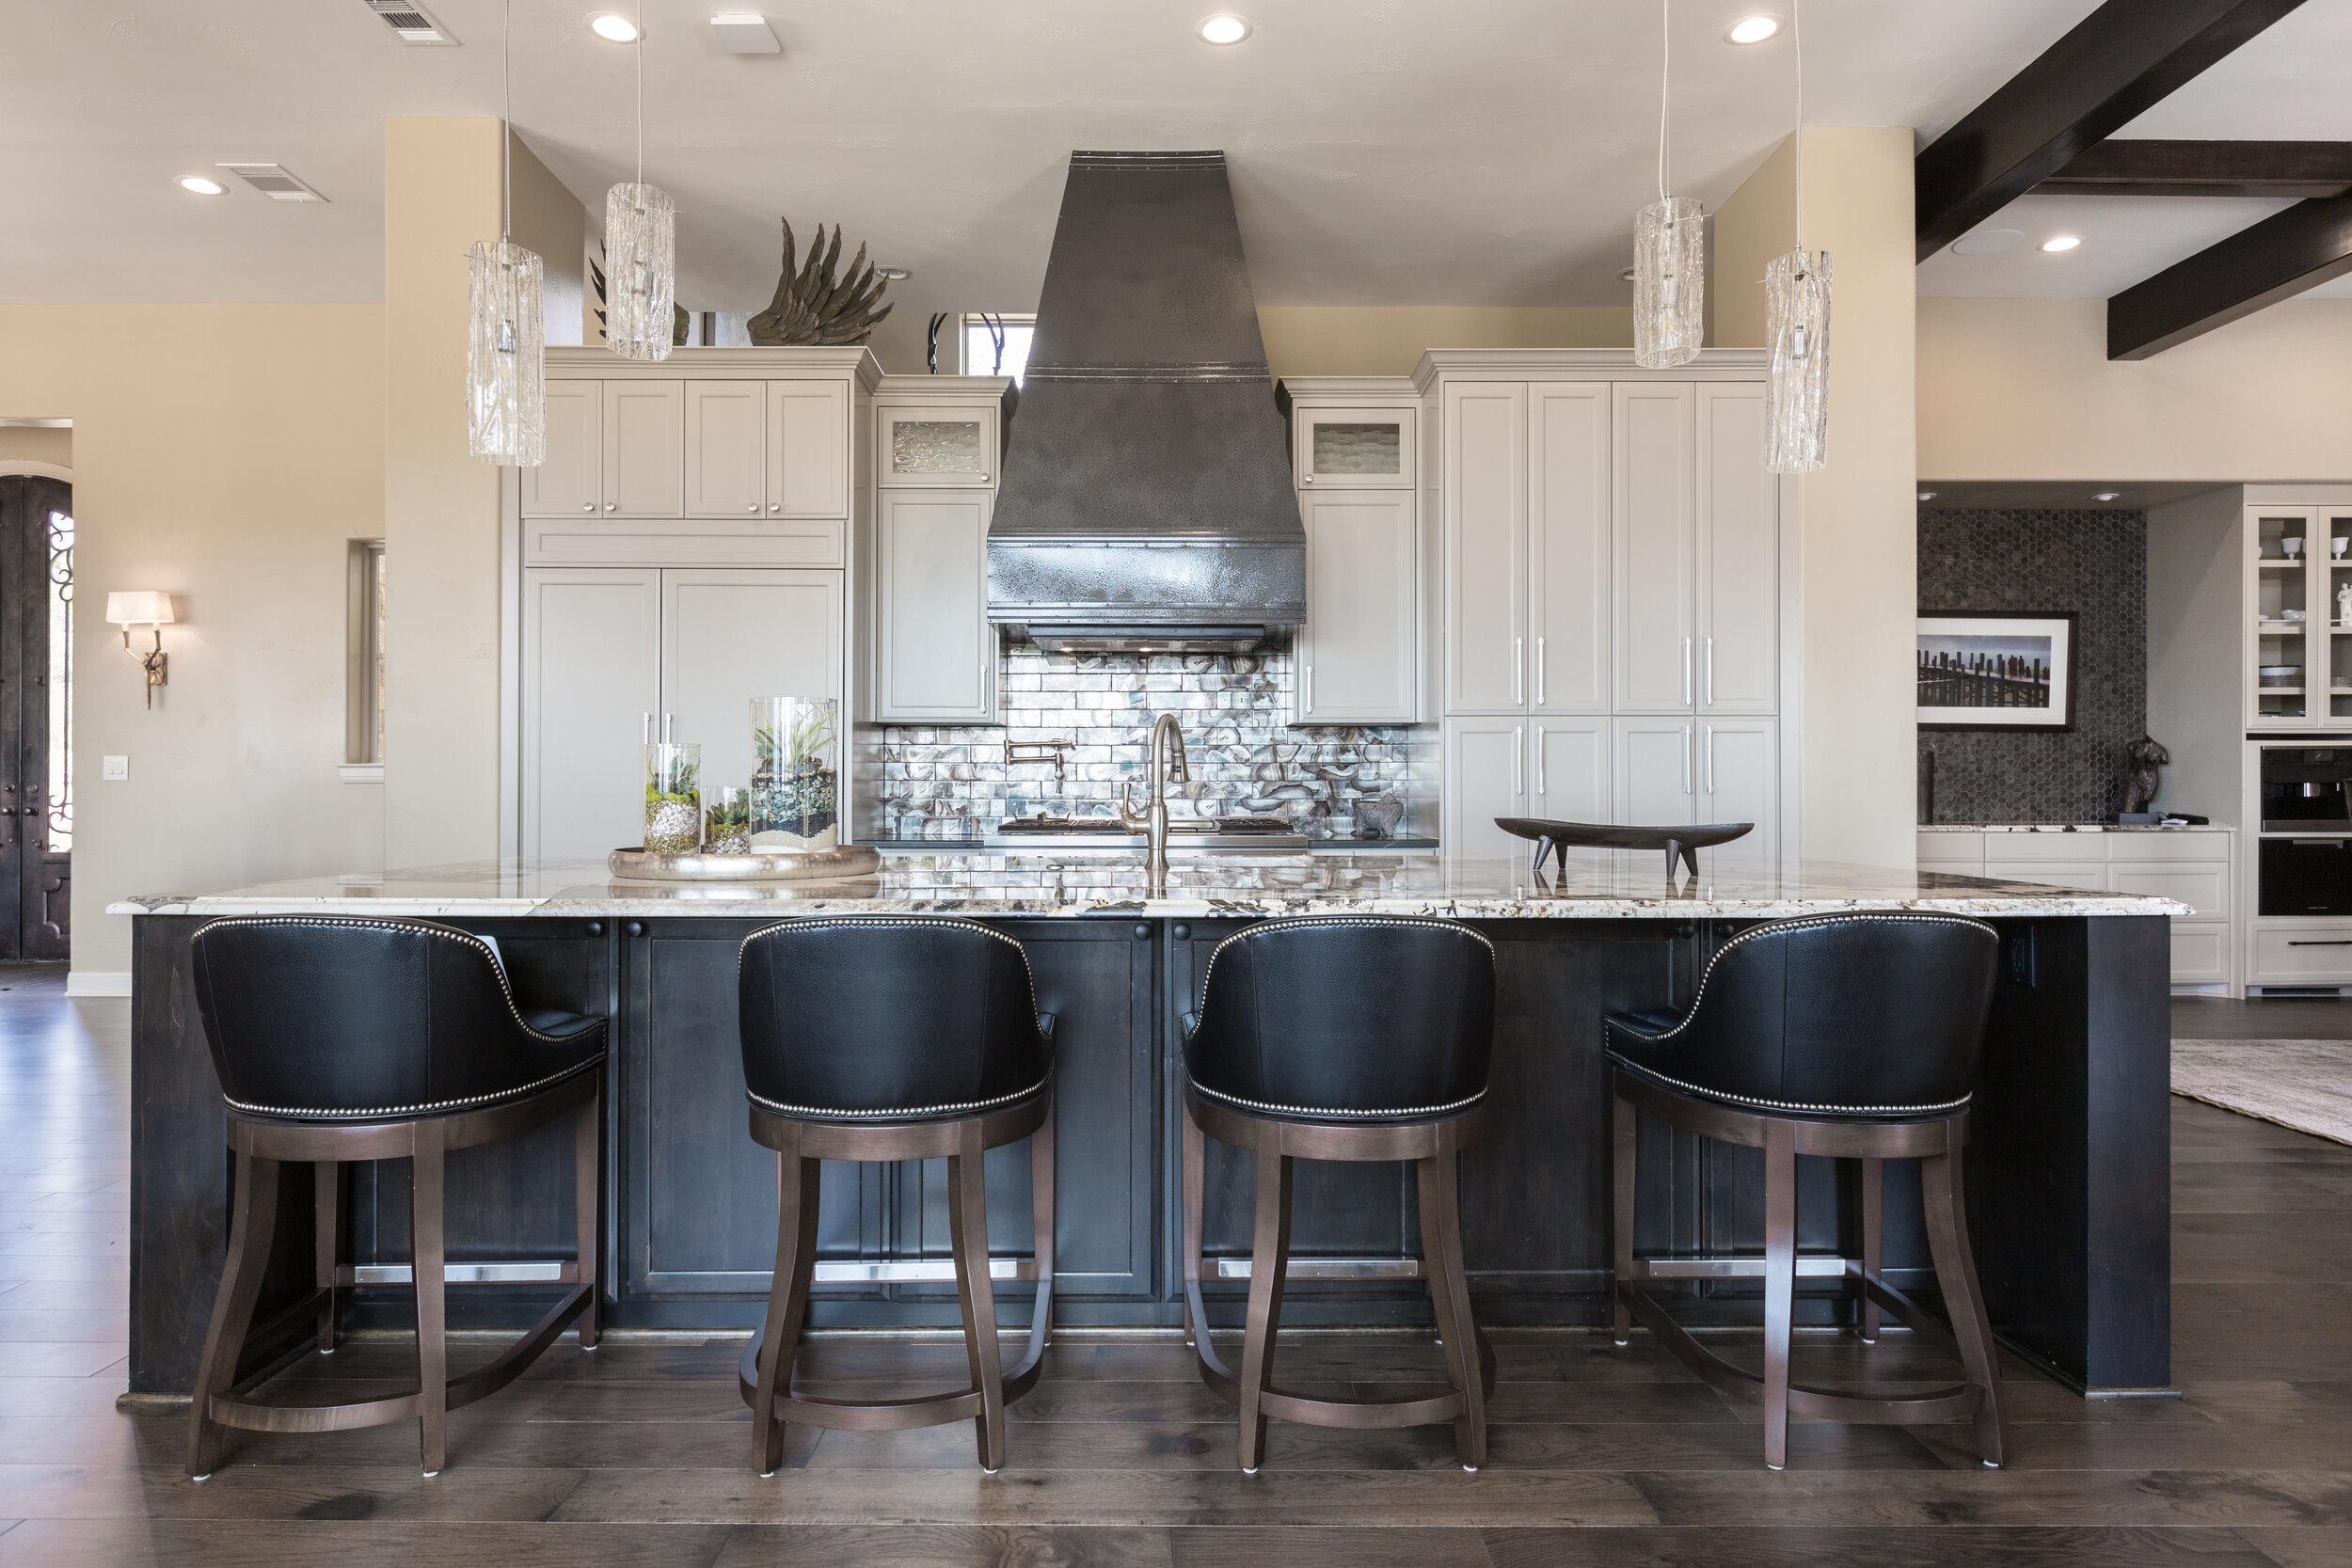 kitchenrenovationaustin.jpg